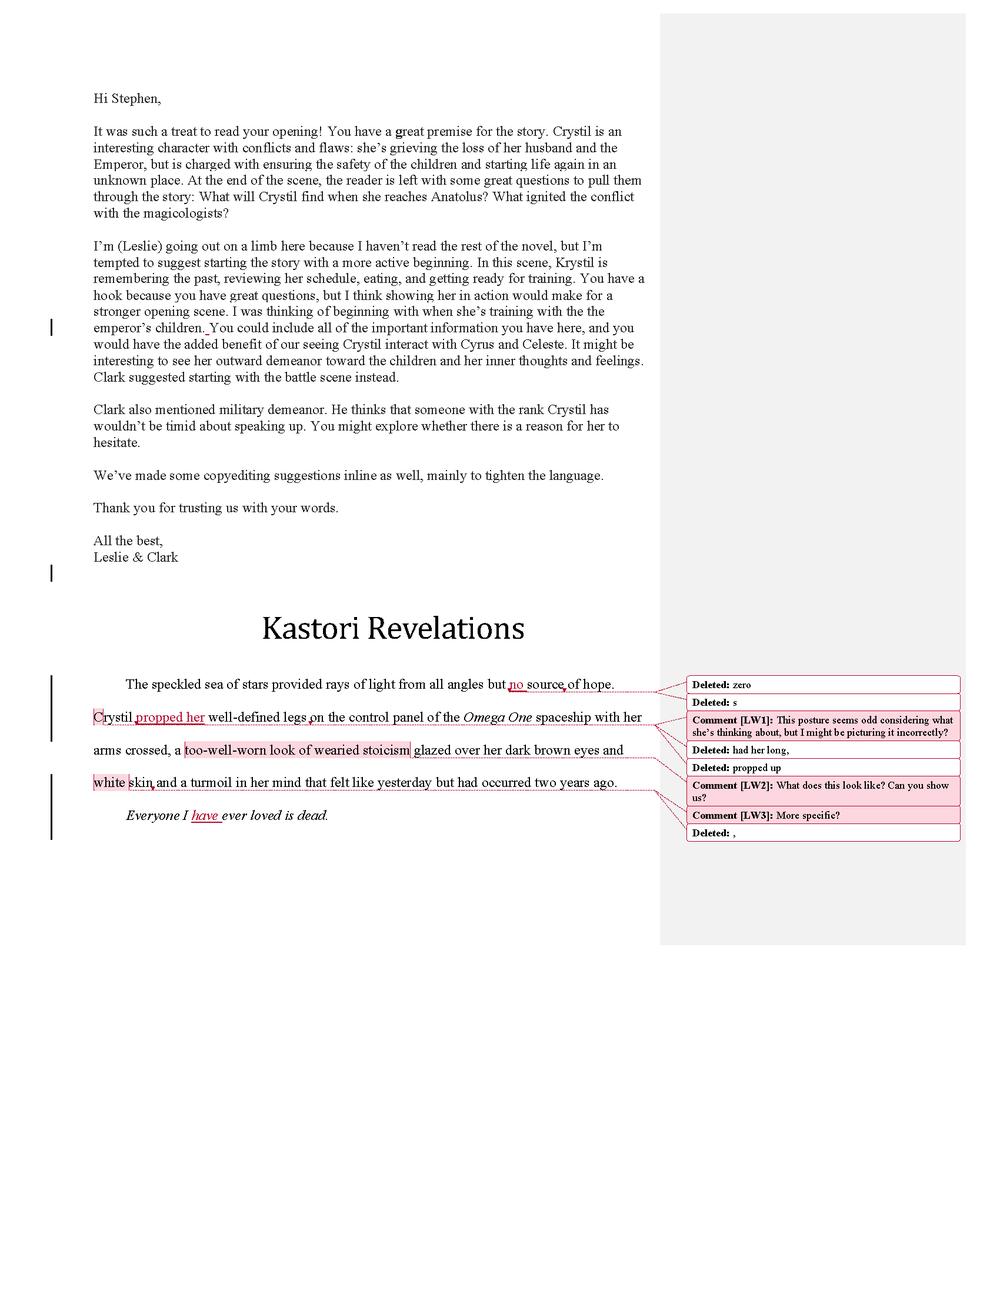 66-Kastori Revelations-FINAL_Page_1.png